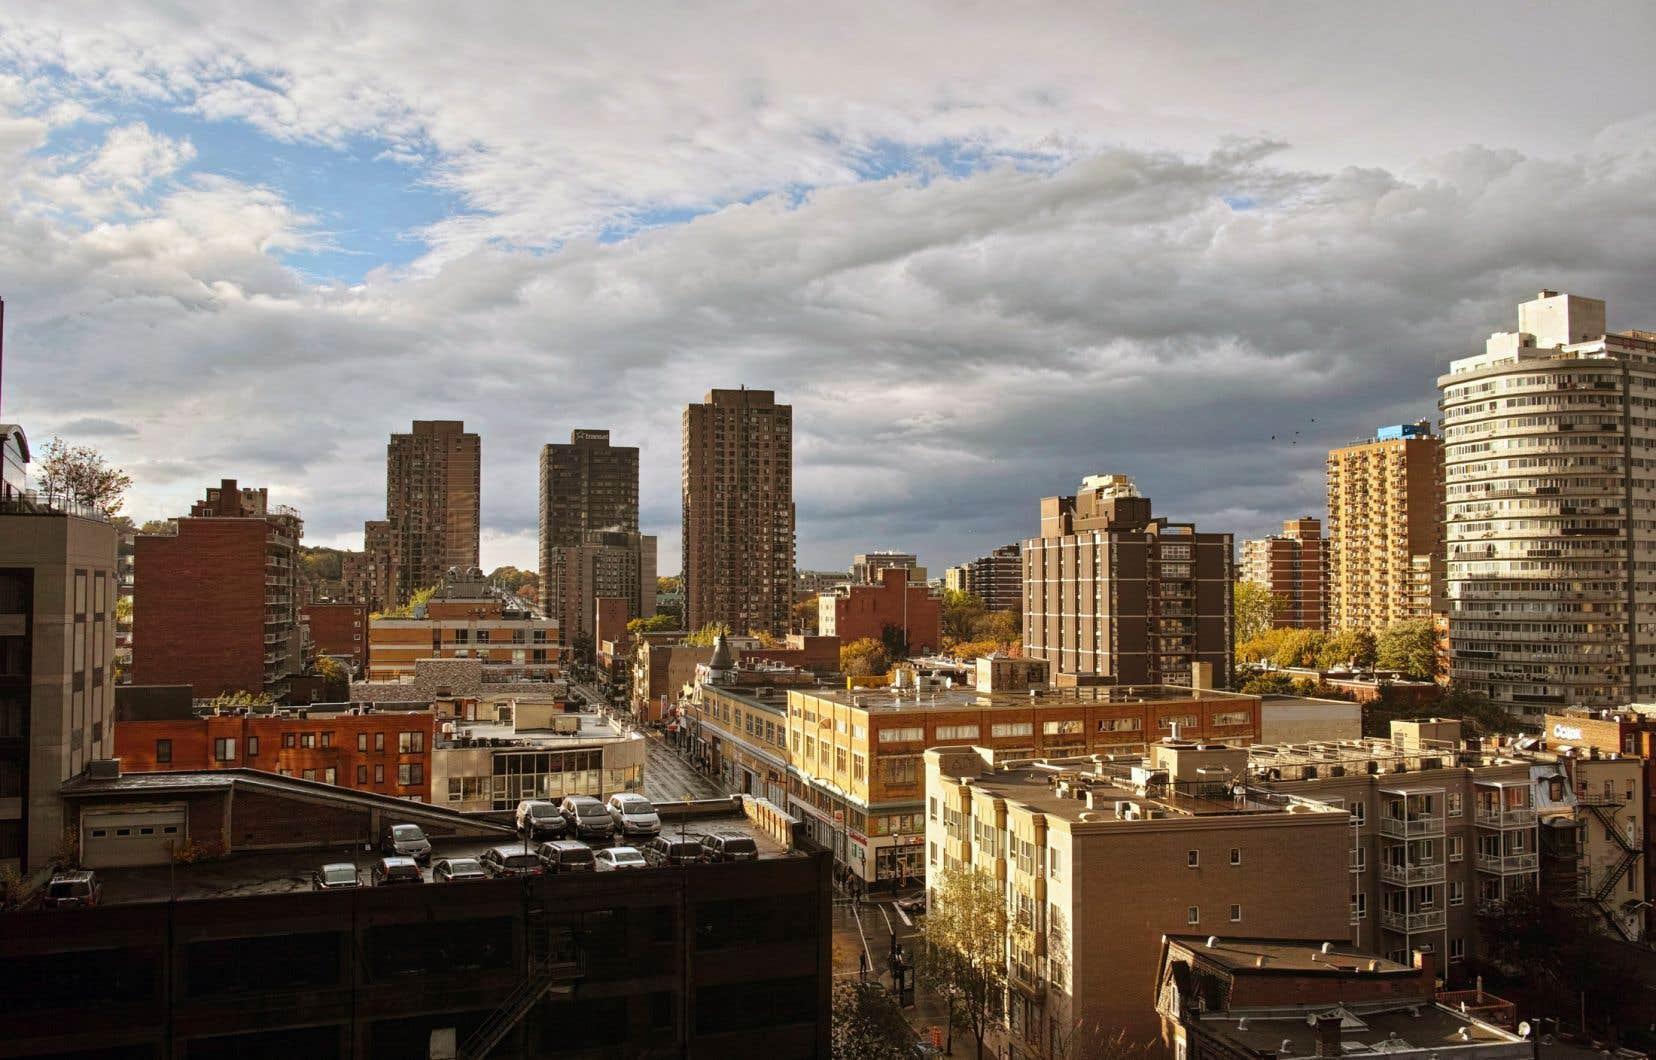 Les municipalités du Québec exhortaient depuis plusieurs mois les gouvernements à conclure une entente pour aider les maires de plusieurs villes à gérer la crise du logement abordable.